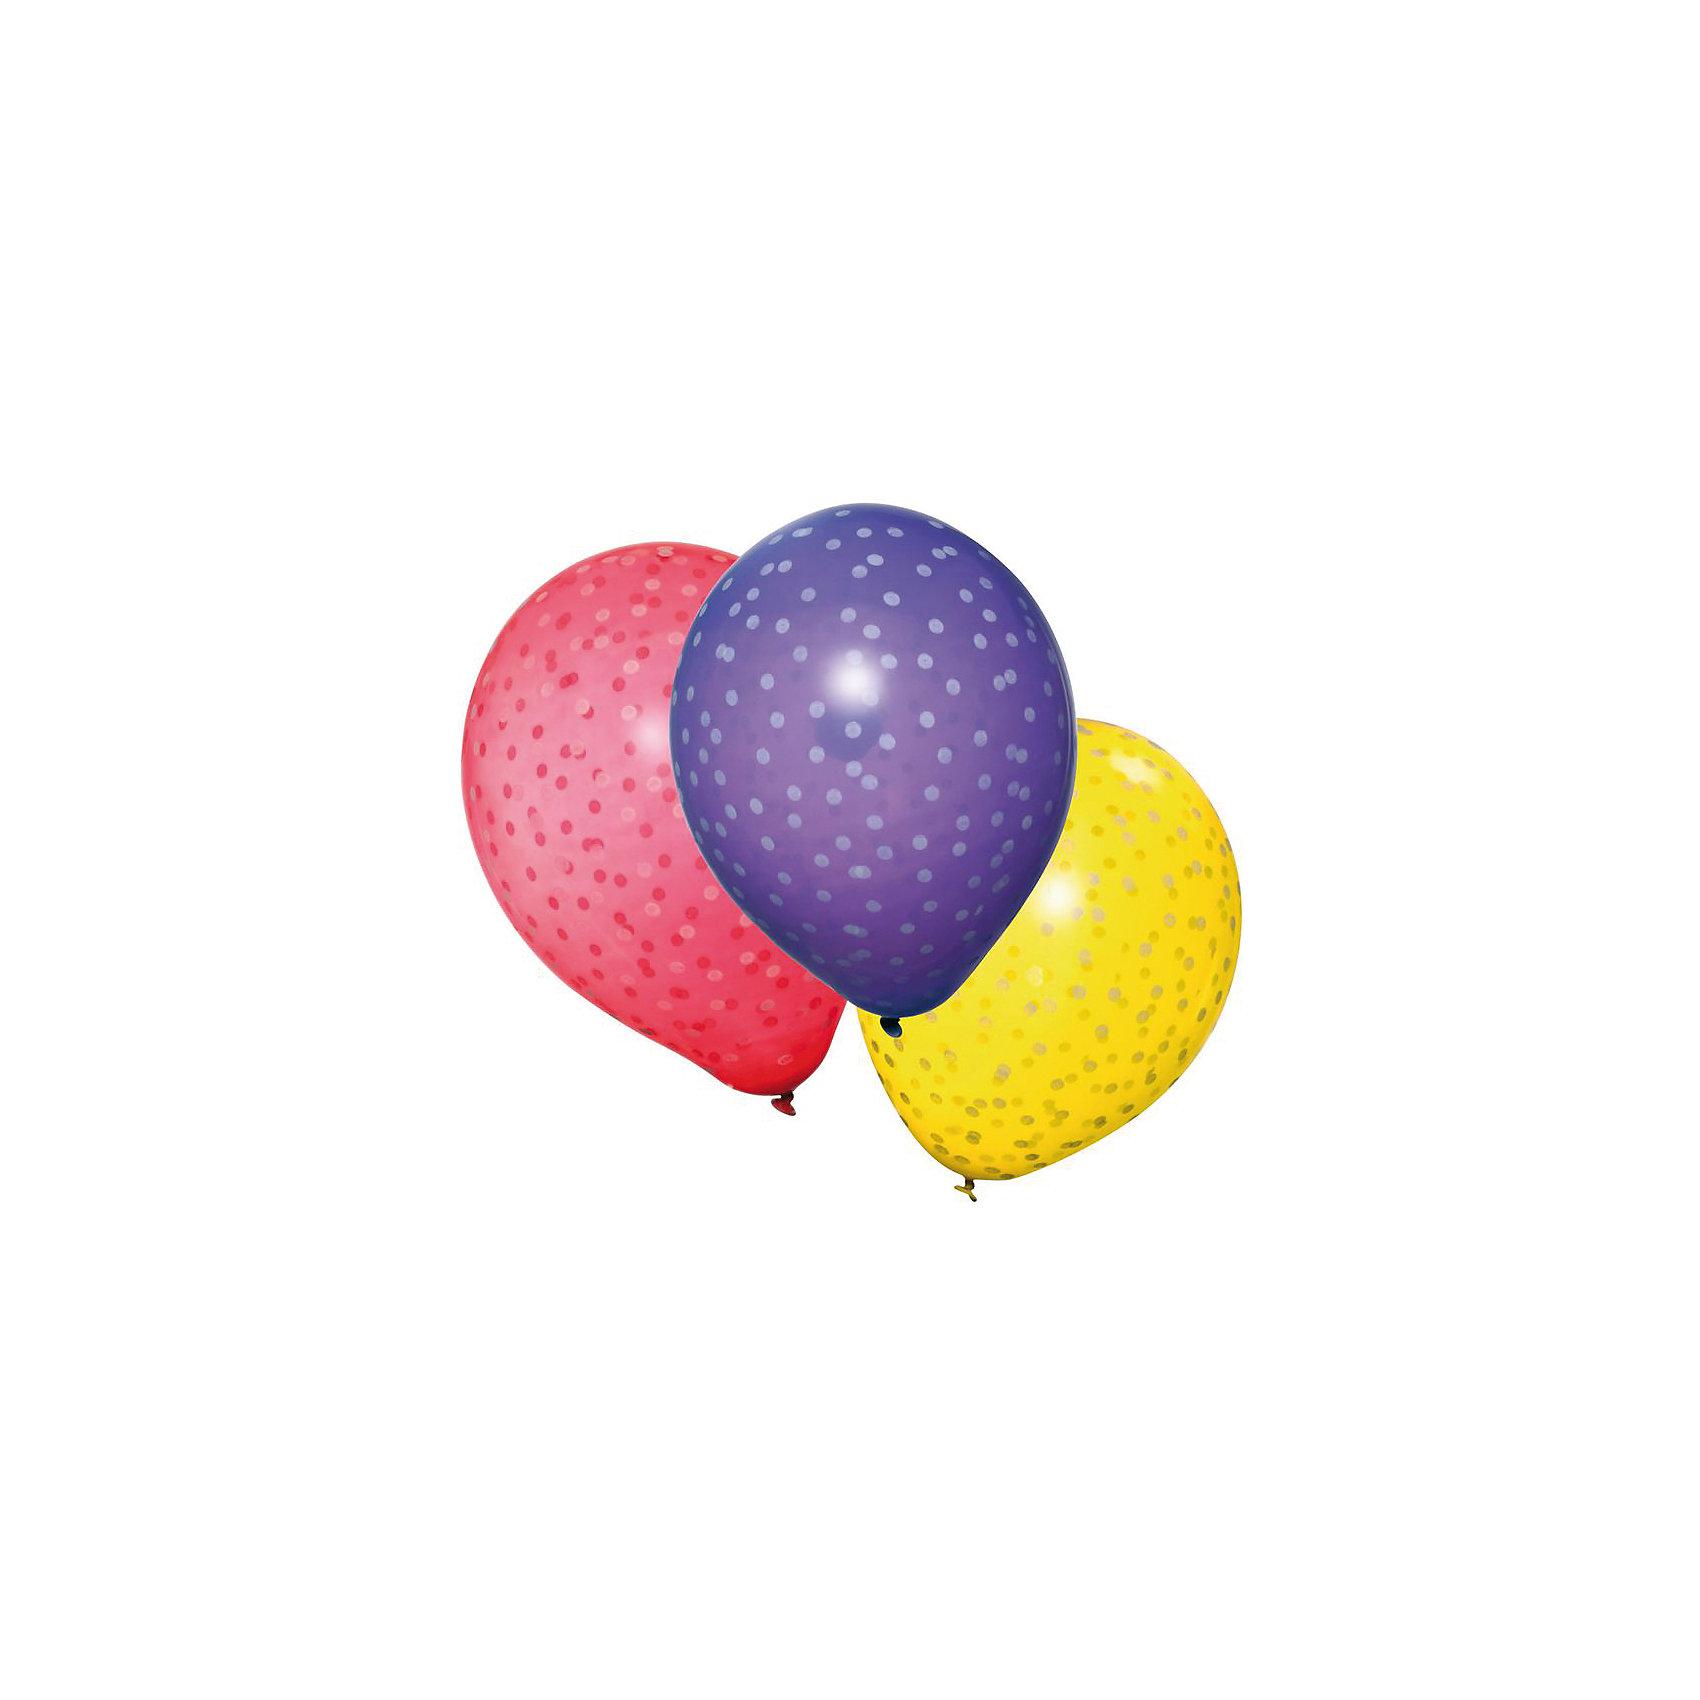 Шары воздушные Горошки, 6 штВсё для праздника<br>Характеристики товара:<br><br>• возраст: от 3 лет<br>• цвет: мульти<br>• материал: биоразлагаемый латекс<br>• размер упаковки: 3х13х20 см<br>•  для надувания гелием или воздухом<br>• комплектация: 6 шт<br>• вес: 30 г<br>• страна бренда: Германия<br>• страна изготовитель: Германия<br><br>Красивые воздушные шары в горошек ярких оттенков добавят красок во время празднования дня рождения или свадьбы.<br><br>Изделие произведено из безопасного для детей материала.<br><br><br>Шары воздушные «Горошки», 6 шт от бренда Herlitz (Херлиц) можно купить в нашем интернет-магазине.<br><br>Ширина мм: 20<br>Глубина мм: 128<br>Высота мм: 220<br>Вес г: 27<br>Возраст от месяцев: 36<br>Возраст до месяцев: 2147483647<br>Пол: Унисекс<br>Возраст: Детский<br>SKU: 6886499